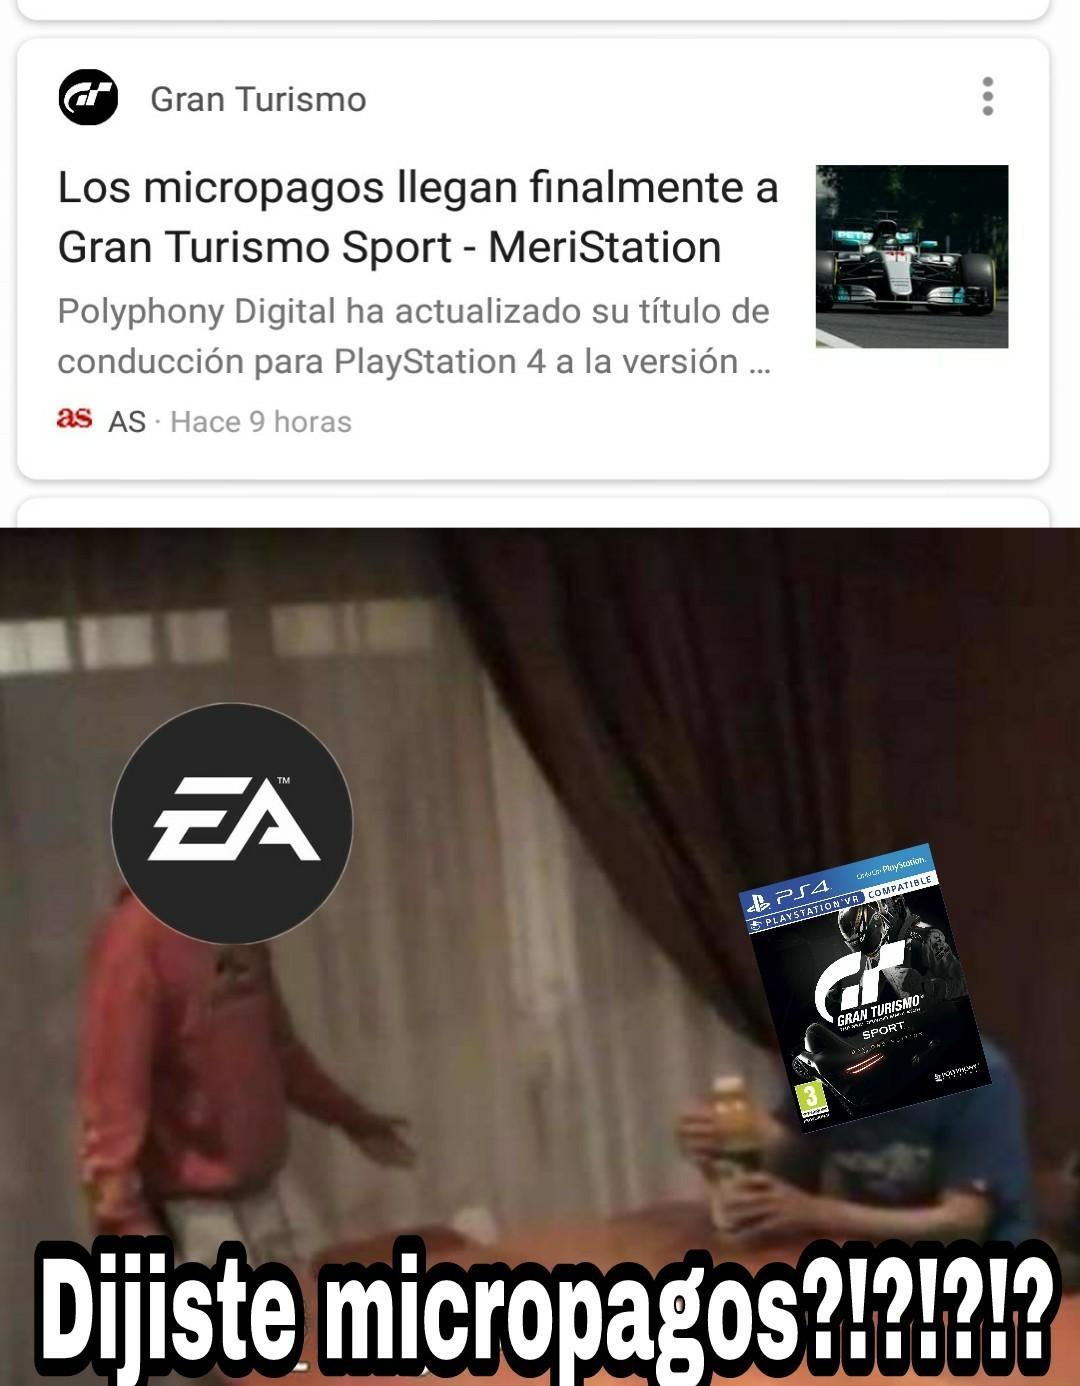 Ya se que gran turismo no es de EA pero cualquier juego ya es como EA - meme